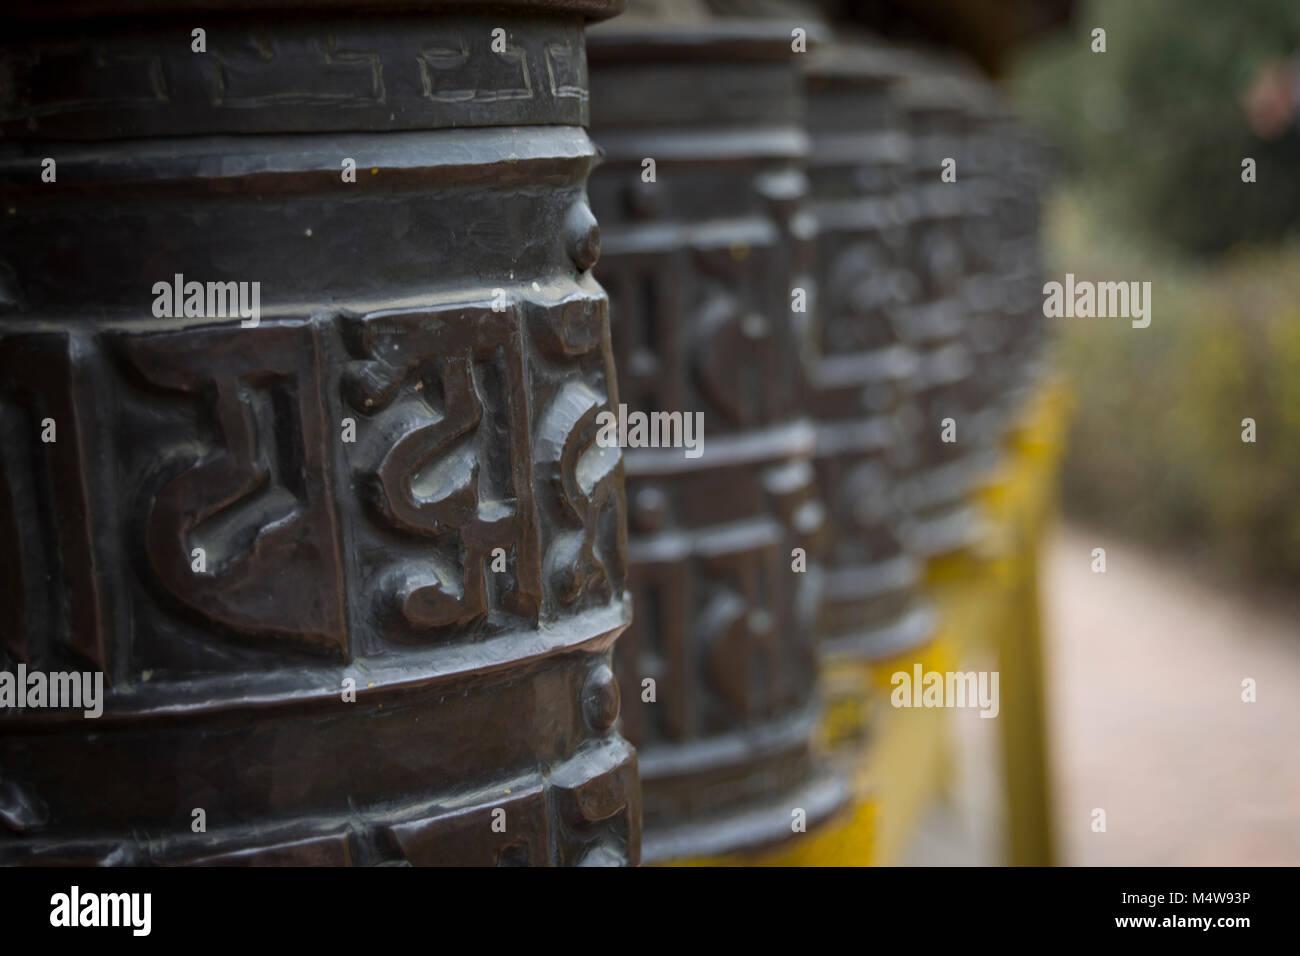 Praying mills in Kathmandu (Nepal) - Stock Image